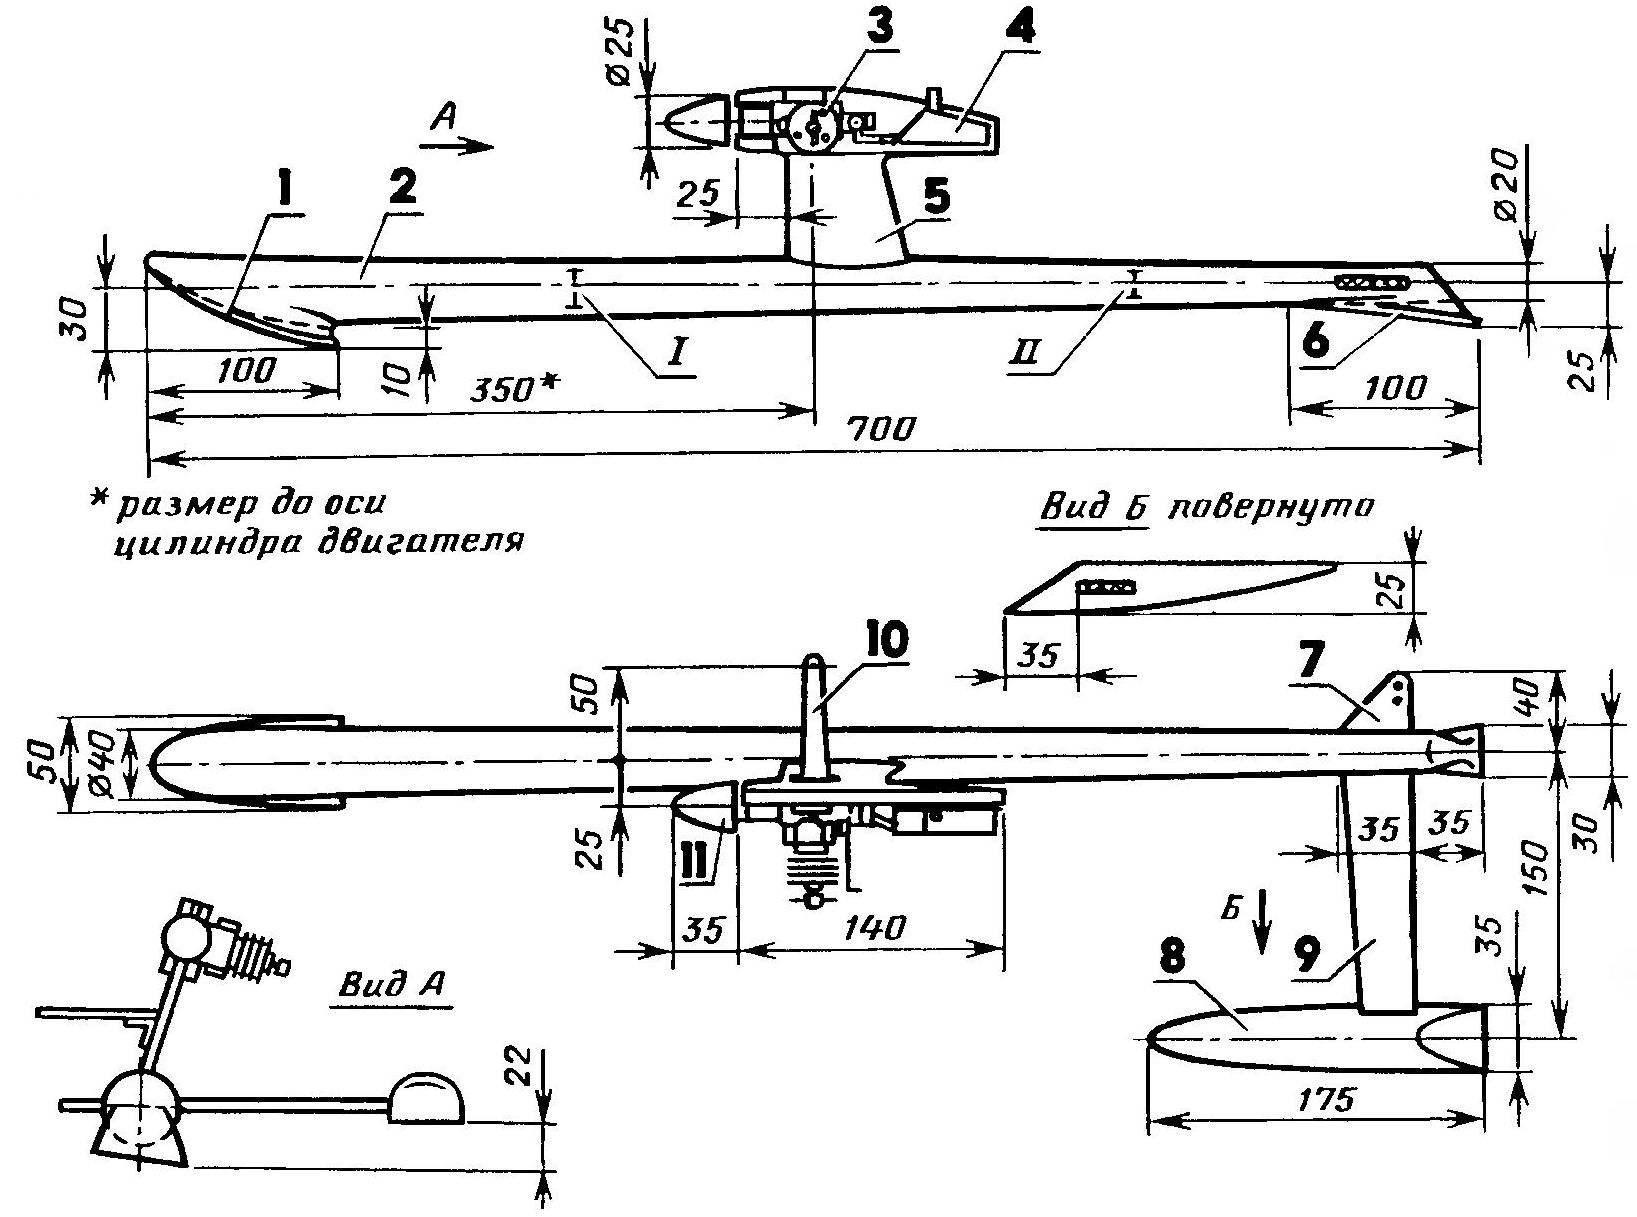 Основные геометрические параметры кордовой скоростной модели аэроглиссера с двигателем внутреннего сгорания рабочим объемом 1,5 см'